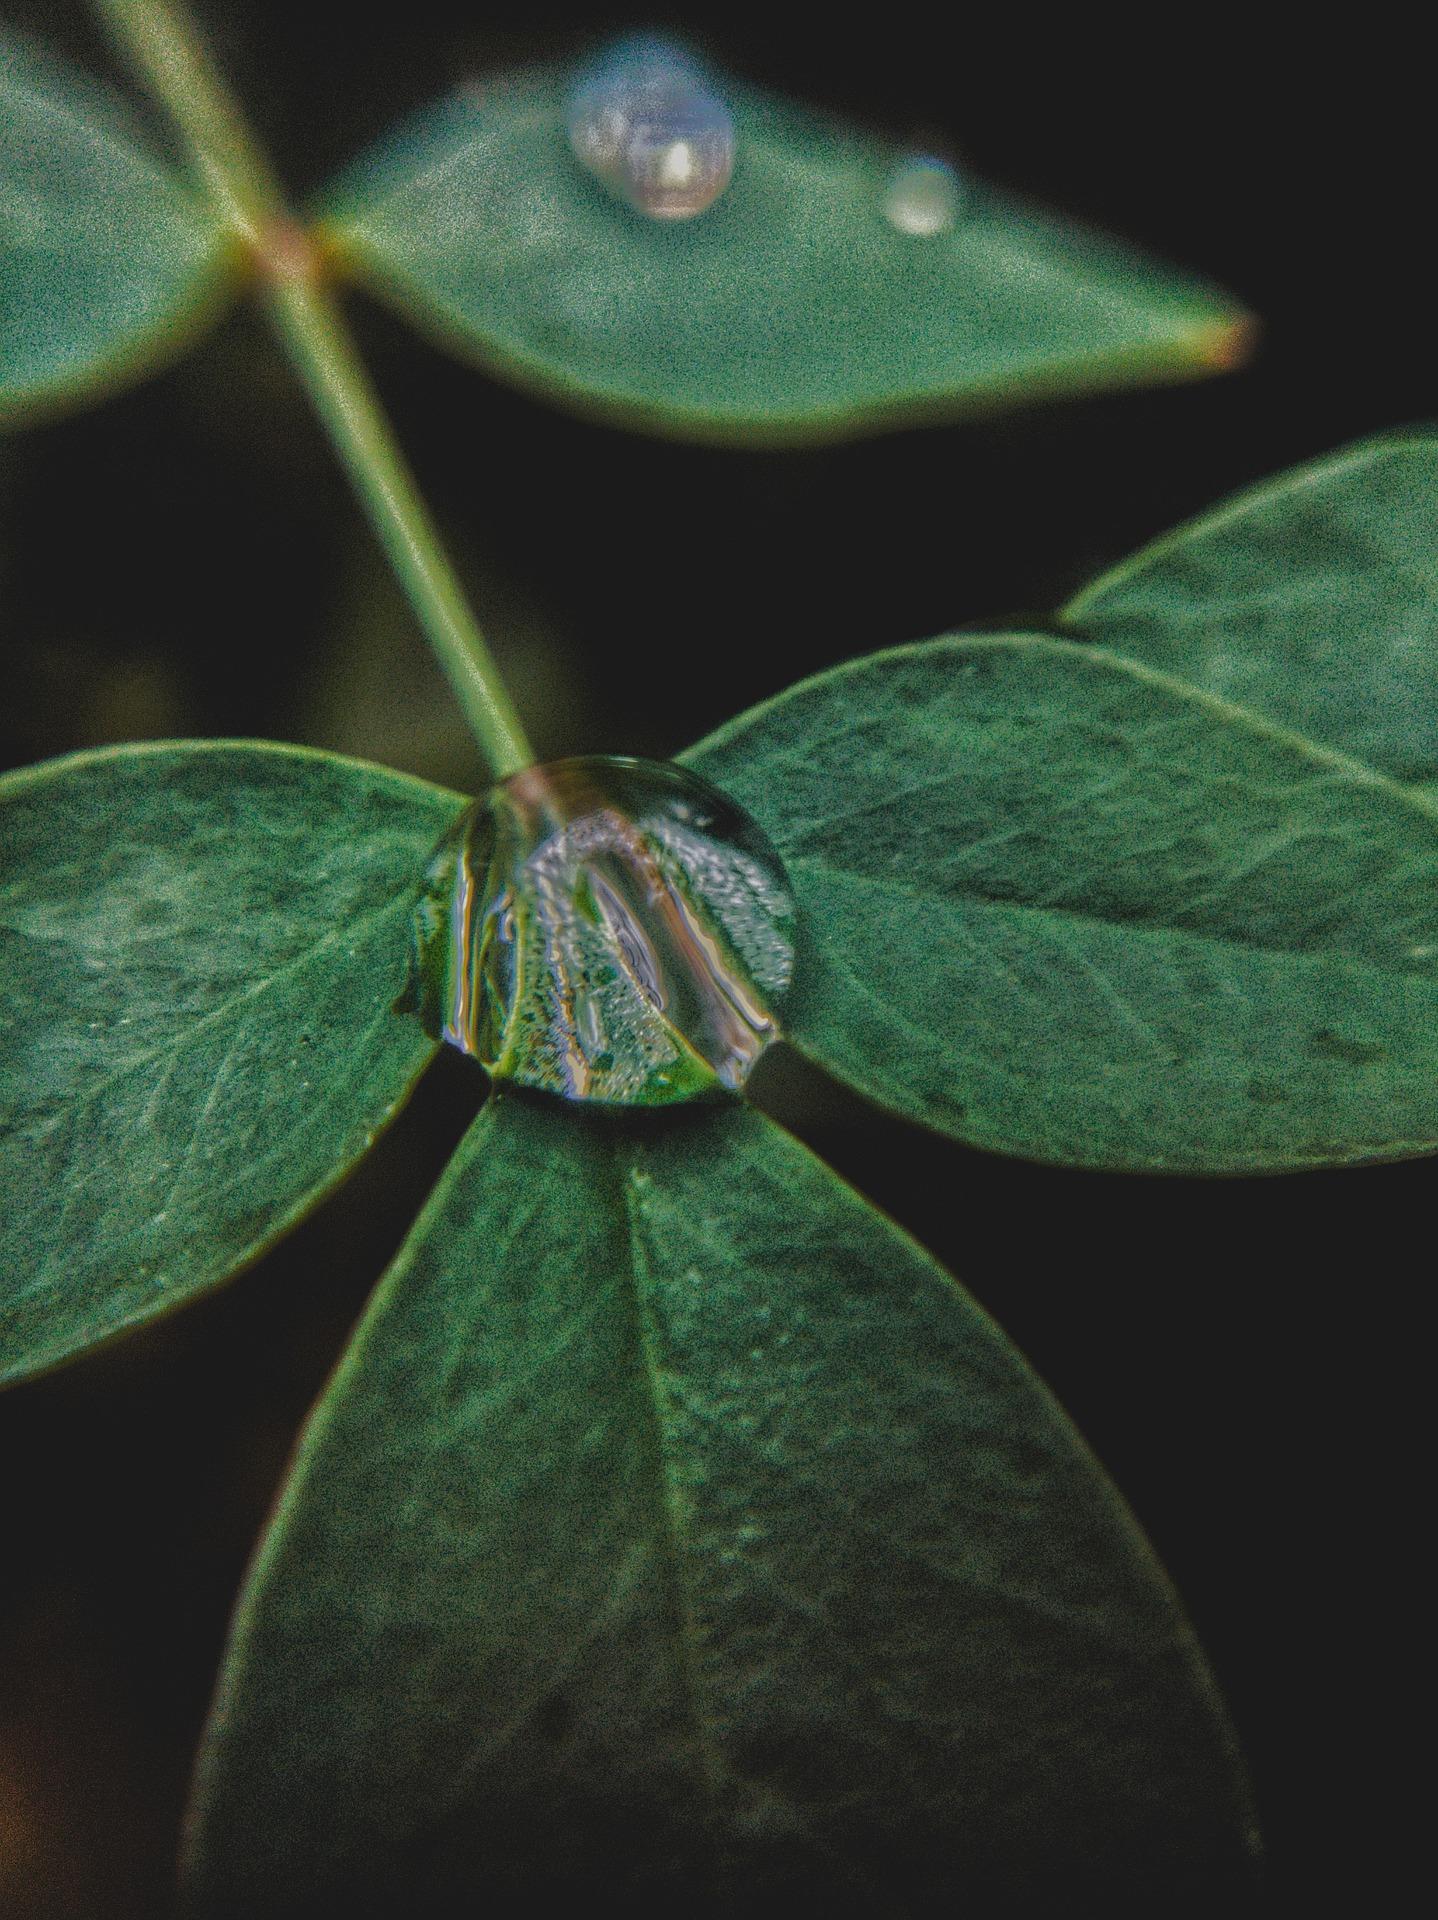 leaf-droplet.jpg